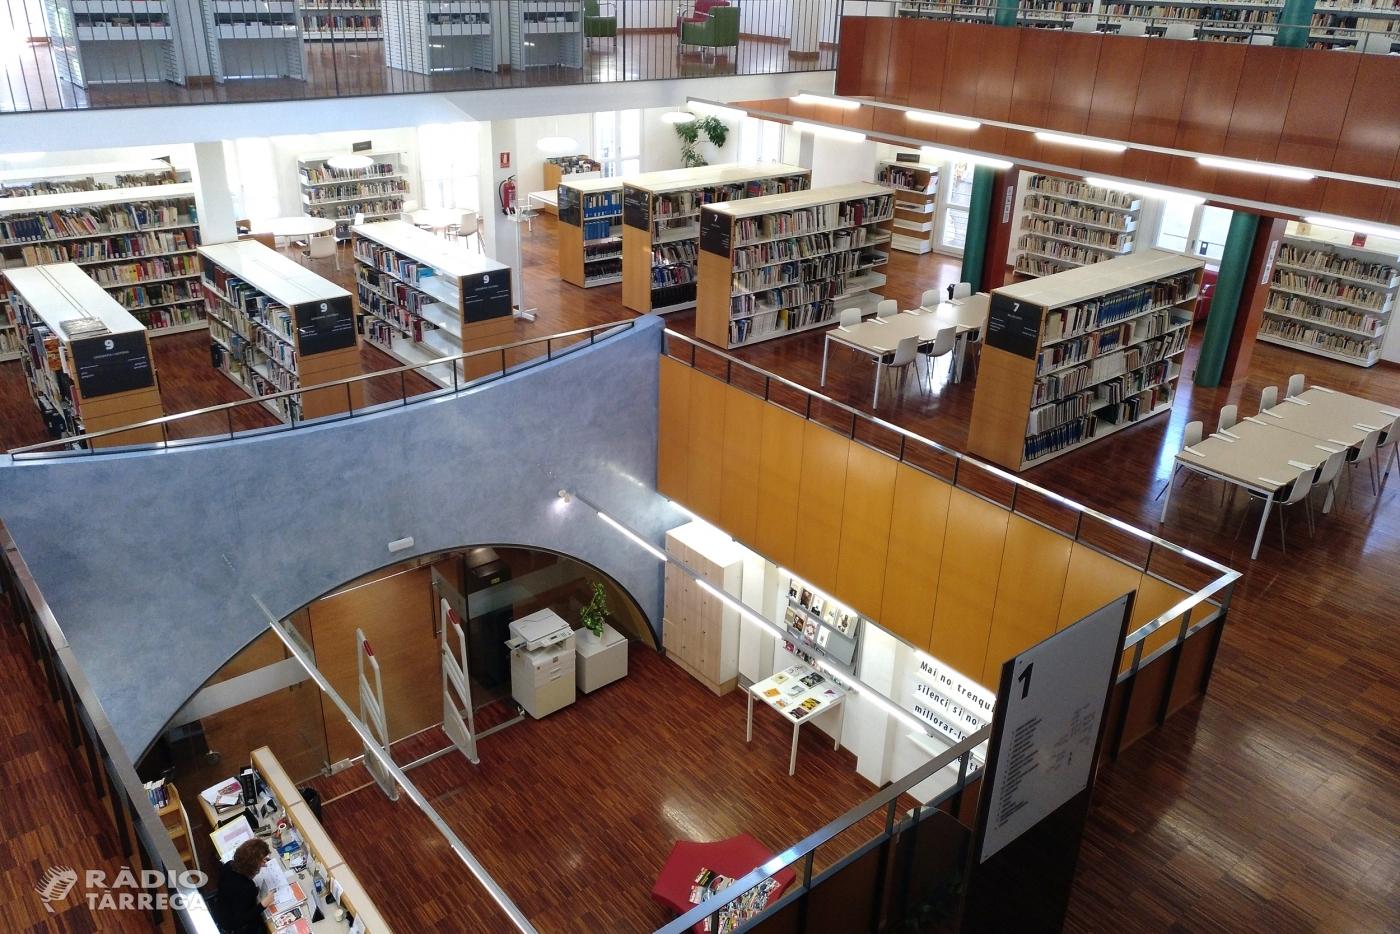 La Biblioteca Comarcal de Tàrrega celebra el seu 25è aniversari com a focus de cultura, ciutadania i divulgació